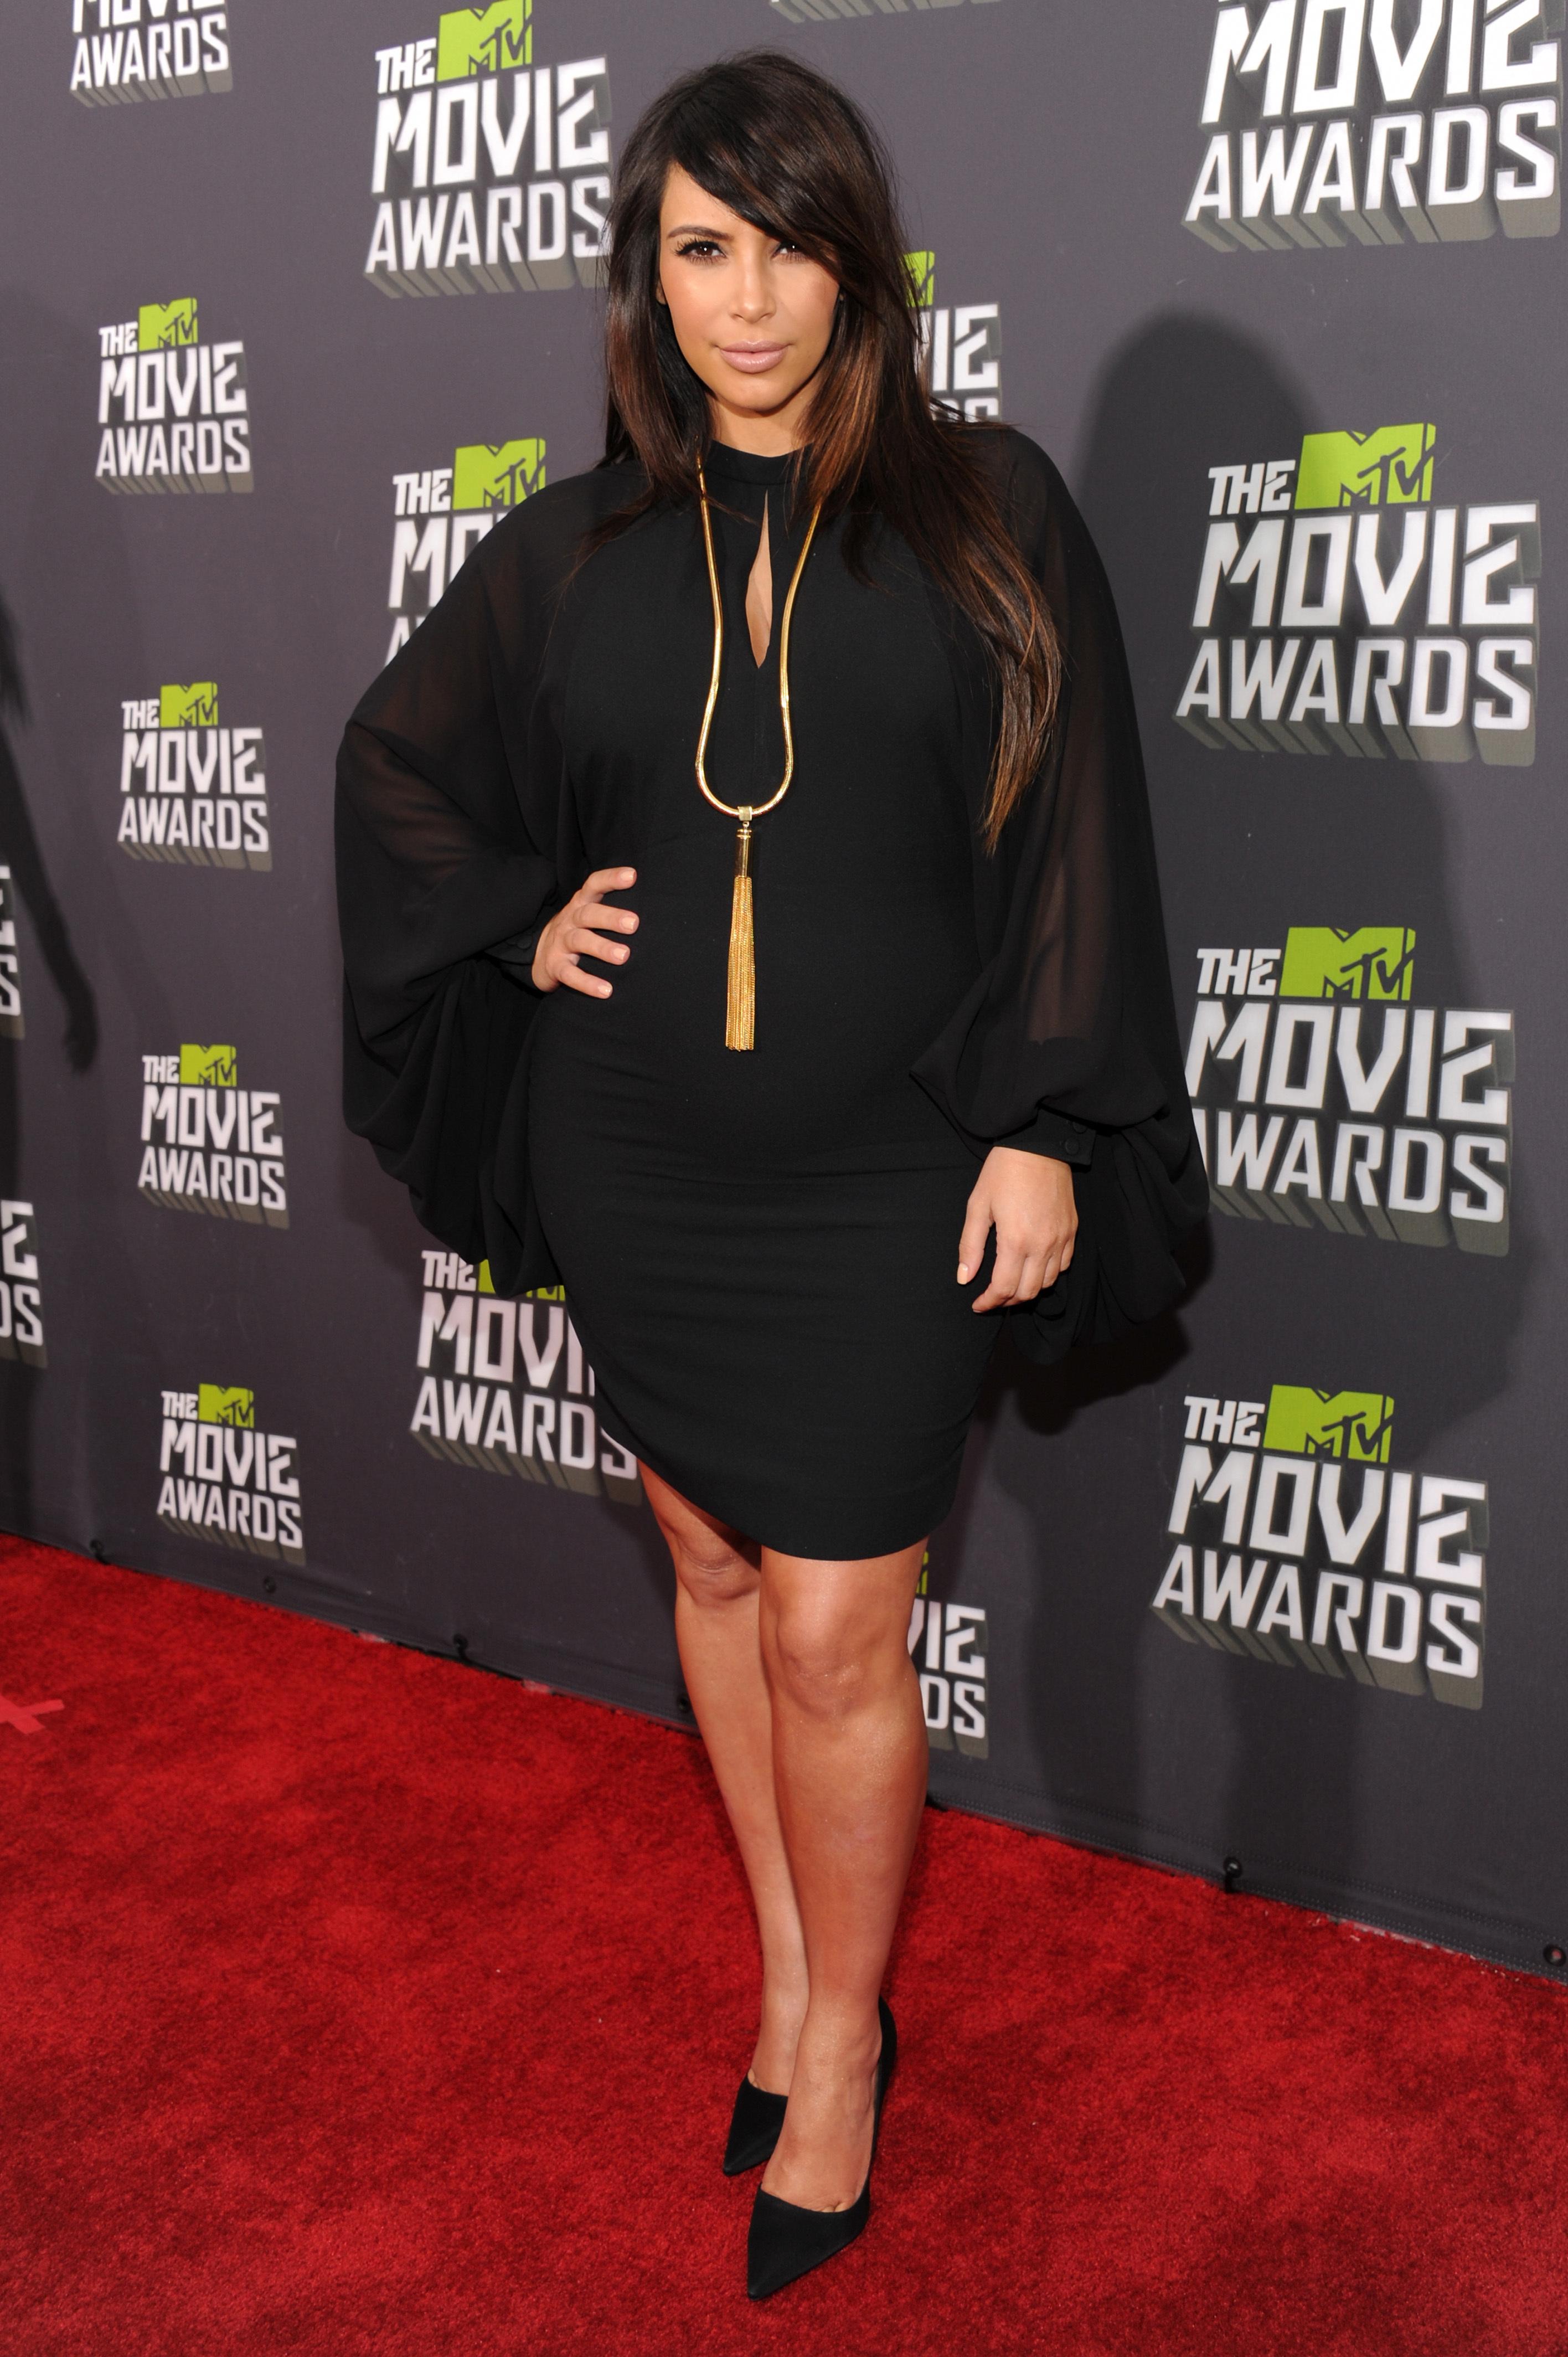 Kim Kardashian Black dress 2013 MTV Movie Awards